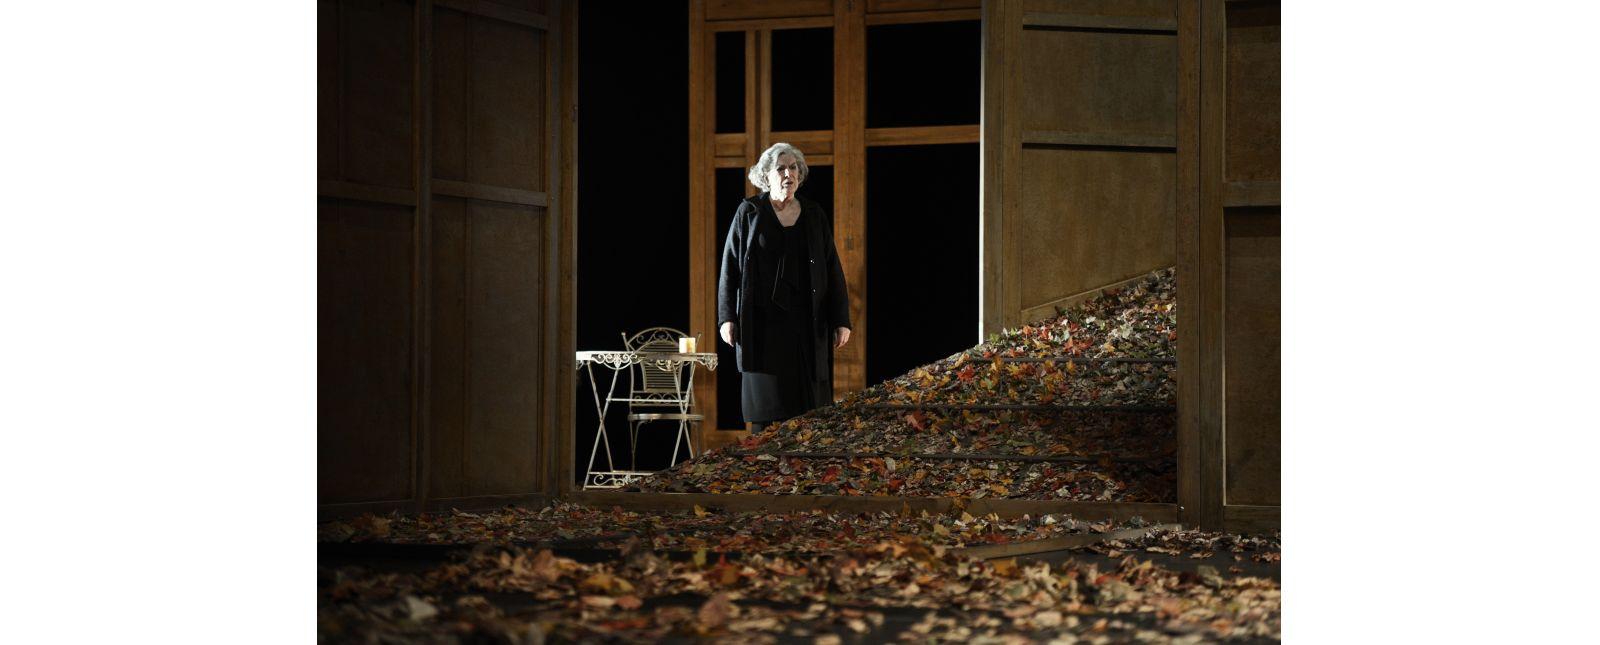 Das Gartenhaus // Margot Gödrös // 2014  // Tanja Dorendorf